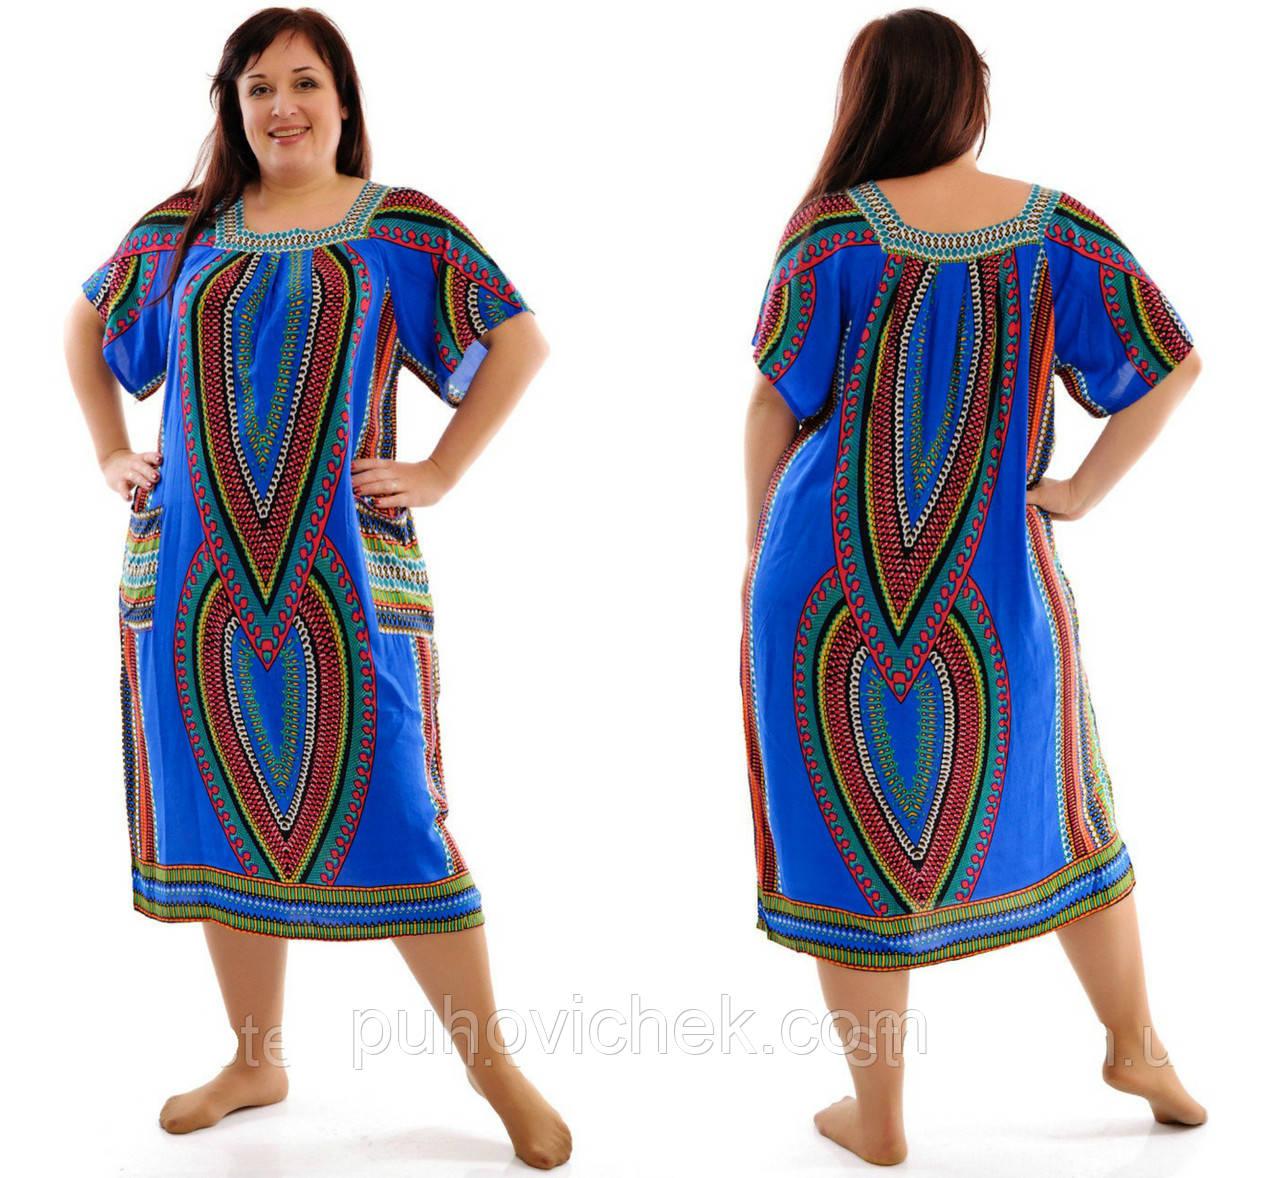 75855820b90 Летние платья больших размеров женские интернет магазин - Интернет магазин  Линия одежды в Харькове